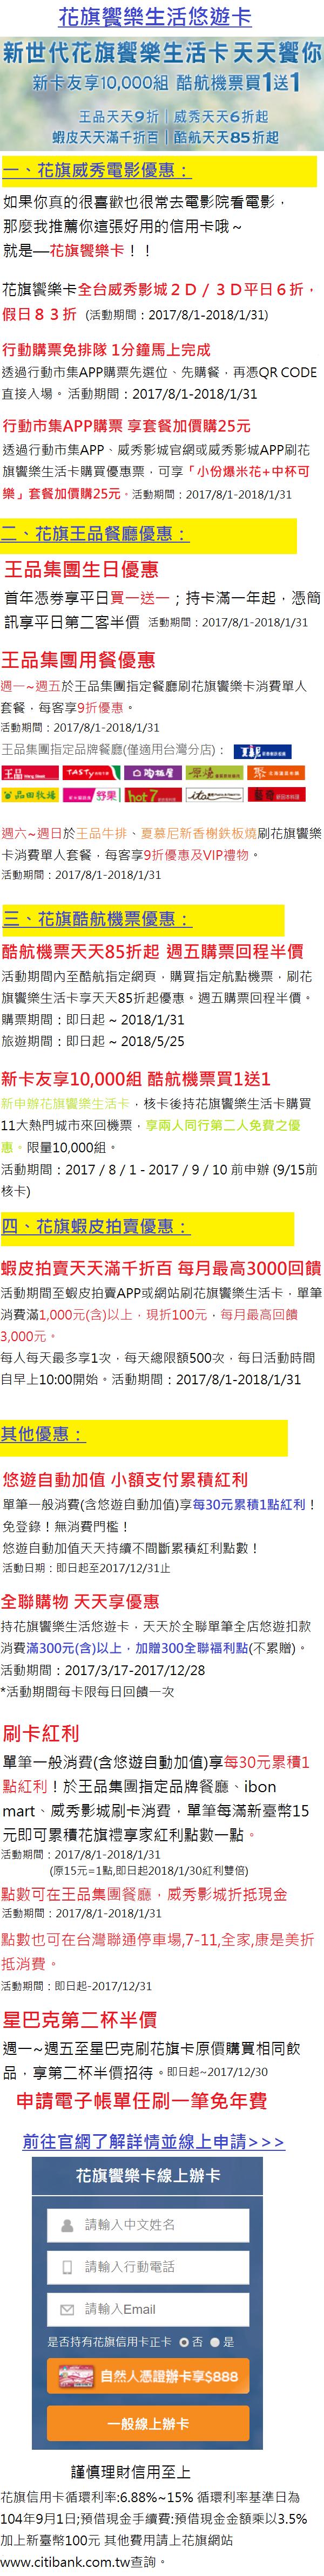 花旗饗樂卡20170930-2.png